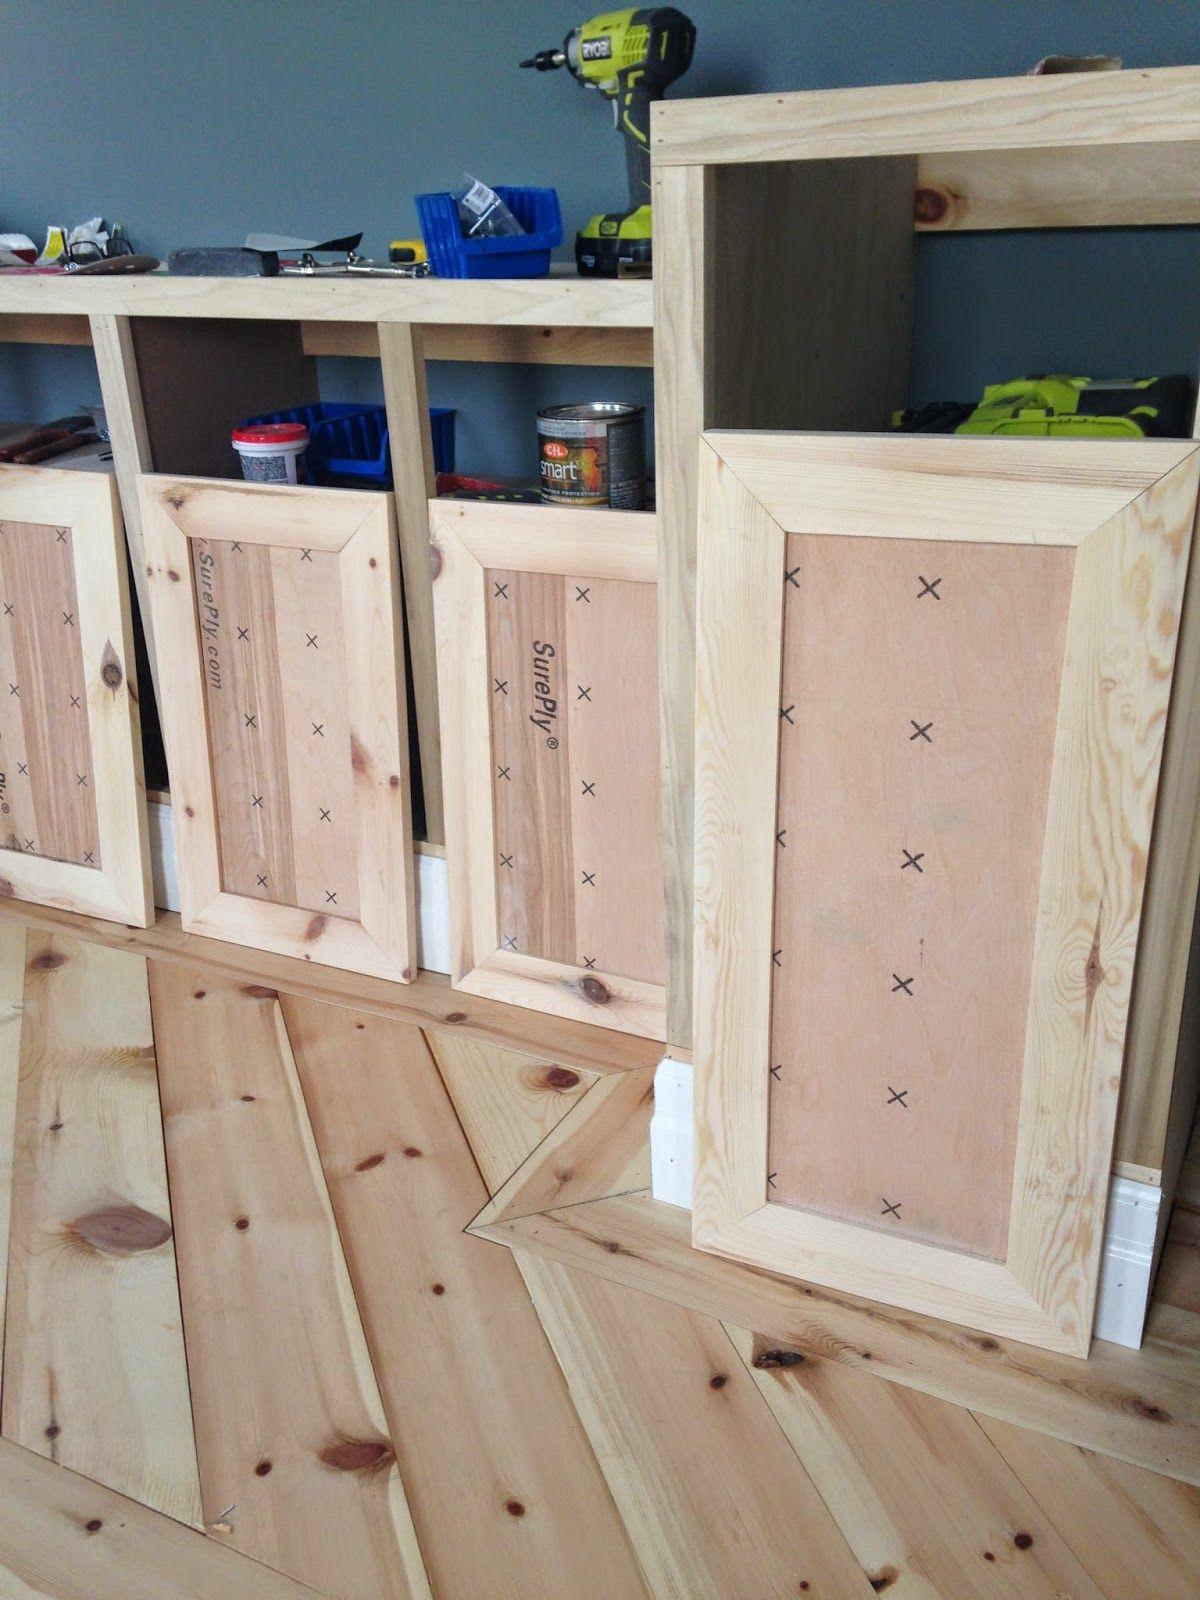 Diy Shaker Doors Cabinet Diy Kitchen Cabinets Diy Cabinet Doors